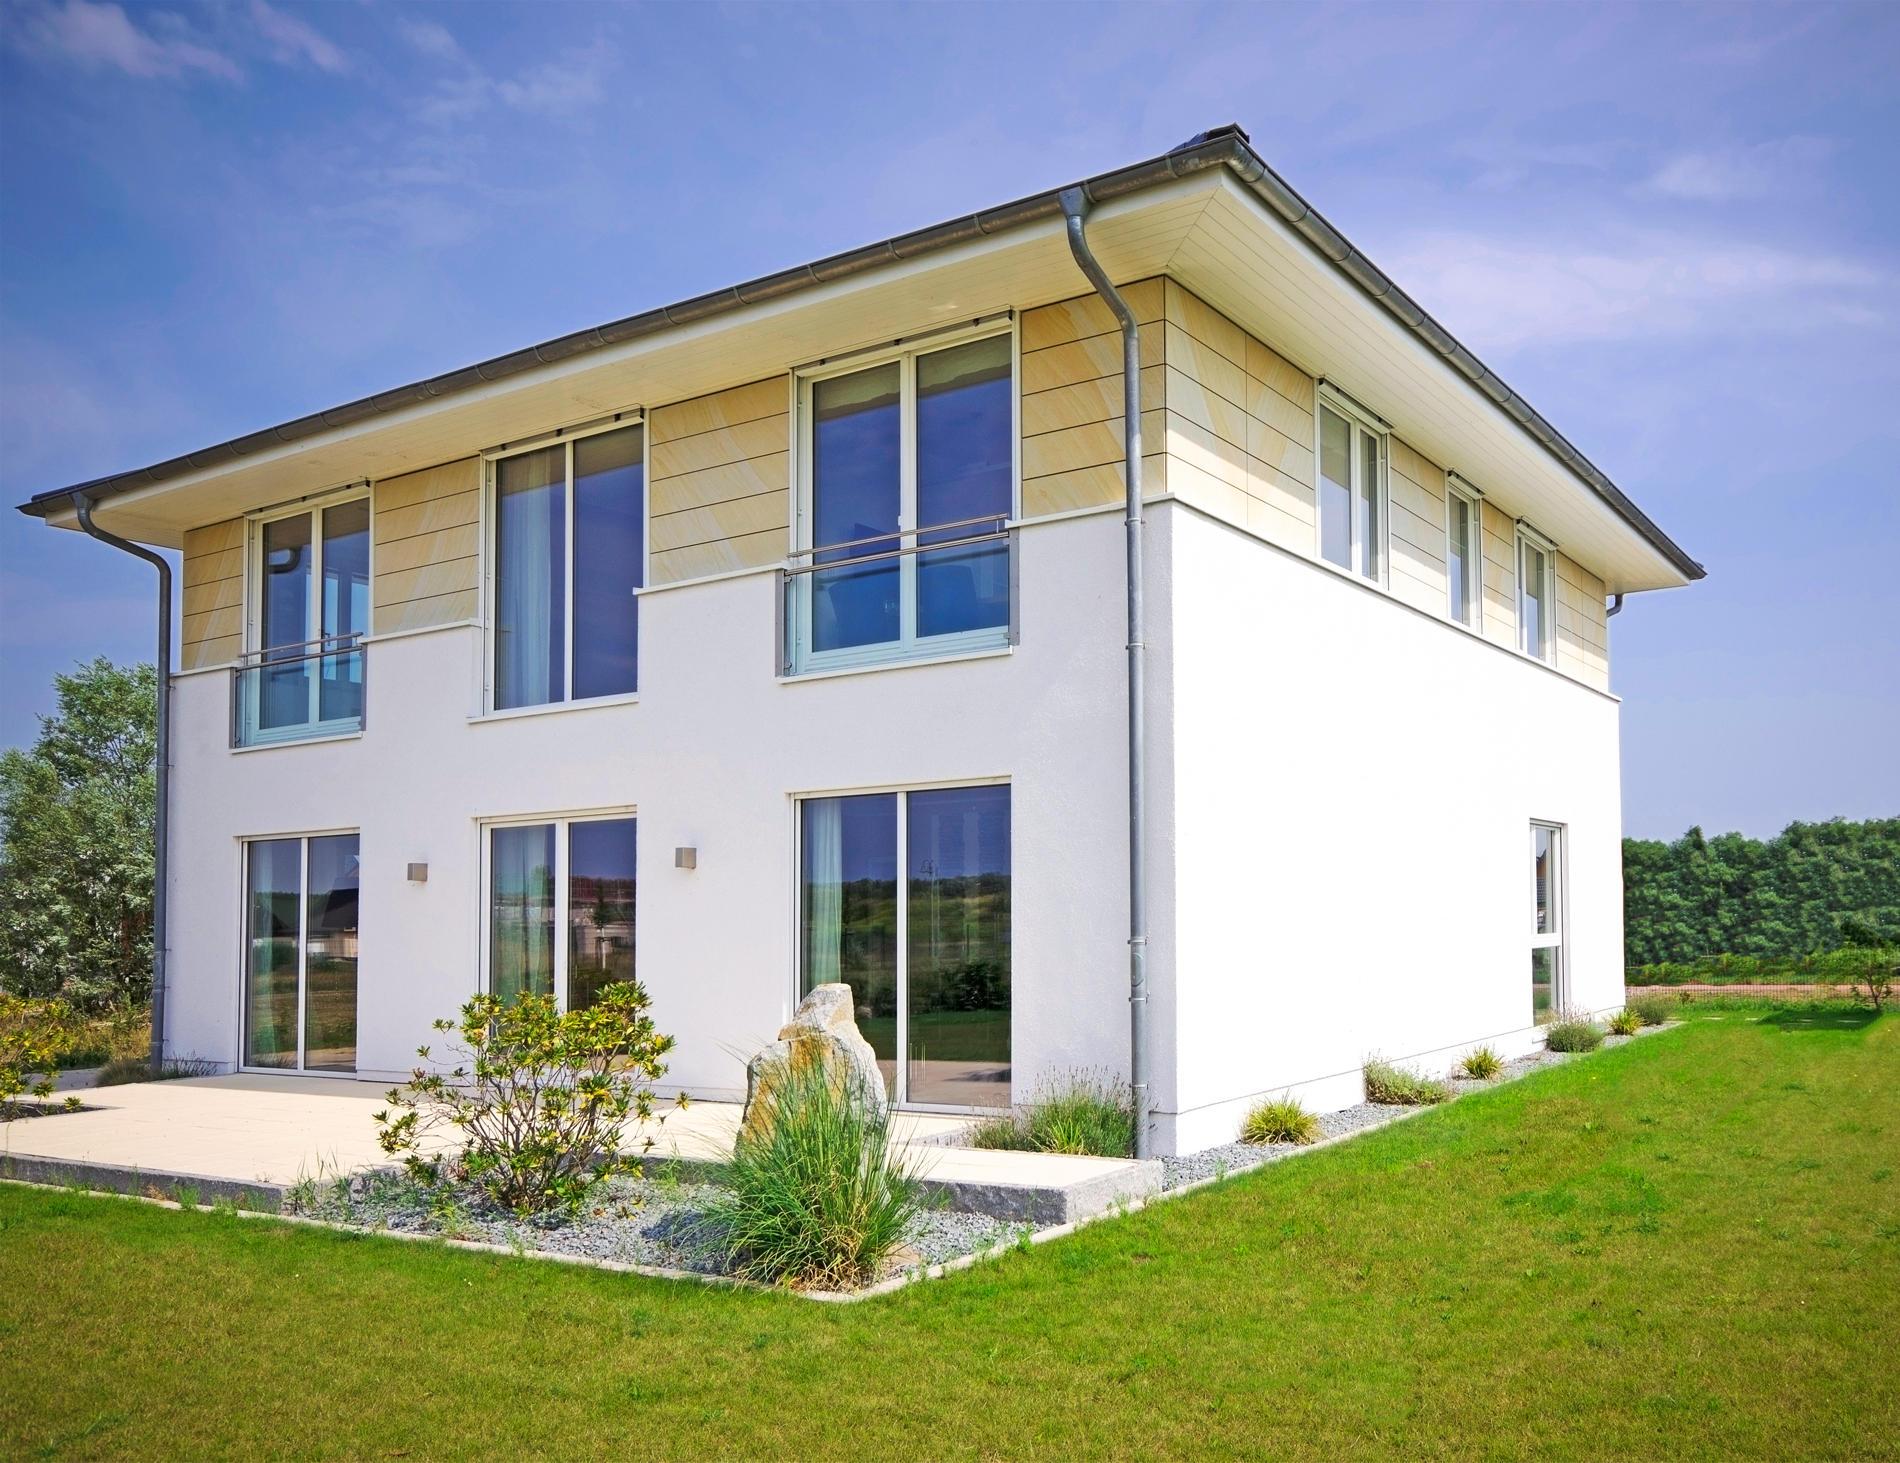 Stadtvilla 198 stadtvilla grundriss modern mit knapp 200 qm for Stadtvilla grundriss